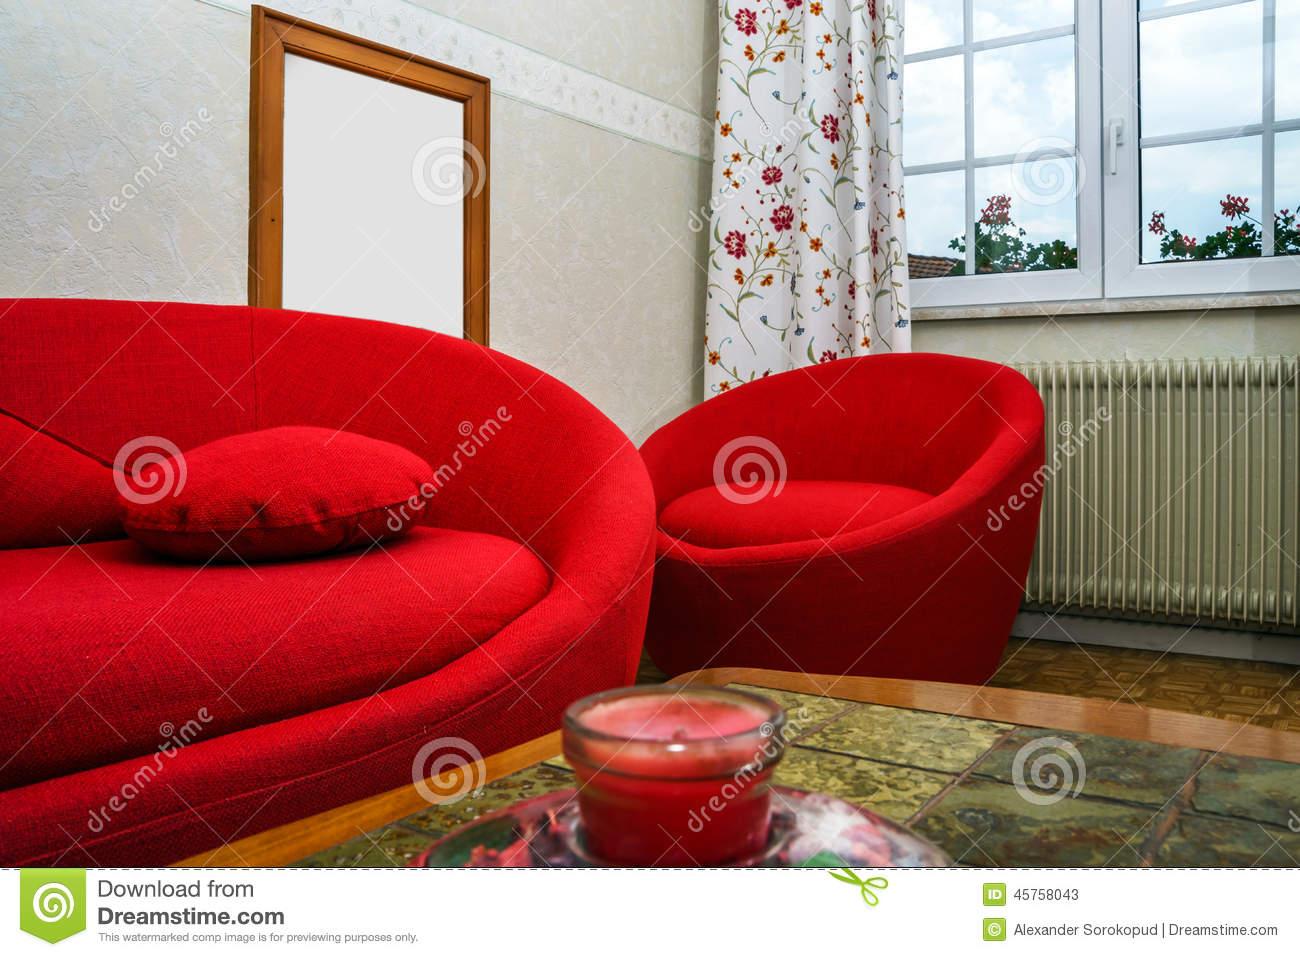 Full Size of Rotes Sofa Stockfotos Und Sie 4 Lizenzfreie Braun Ektorp Brühl Grünes Jugendzimmer 3 Sitzer Wohnlandschaft Garnitur 2 Teilig Rund Aus Matratzen Spannbezug Sofa Rundes Sofa